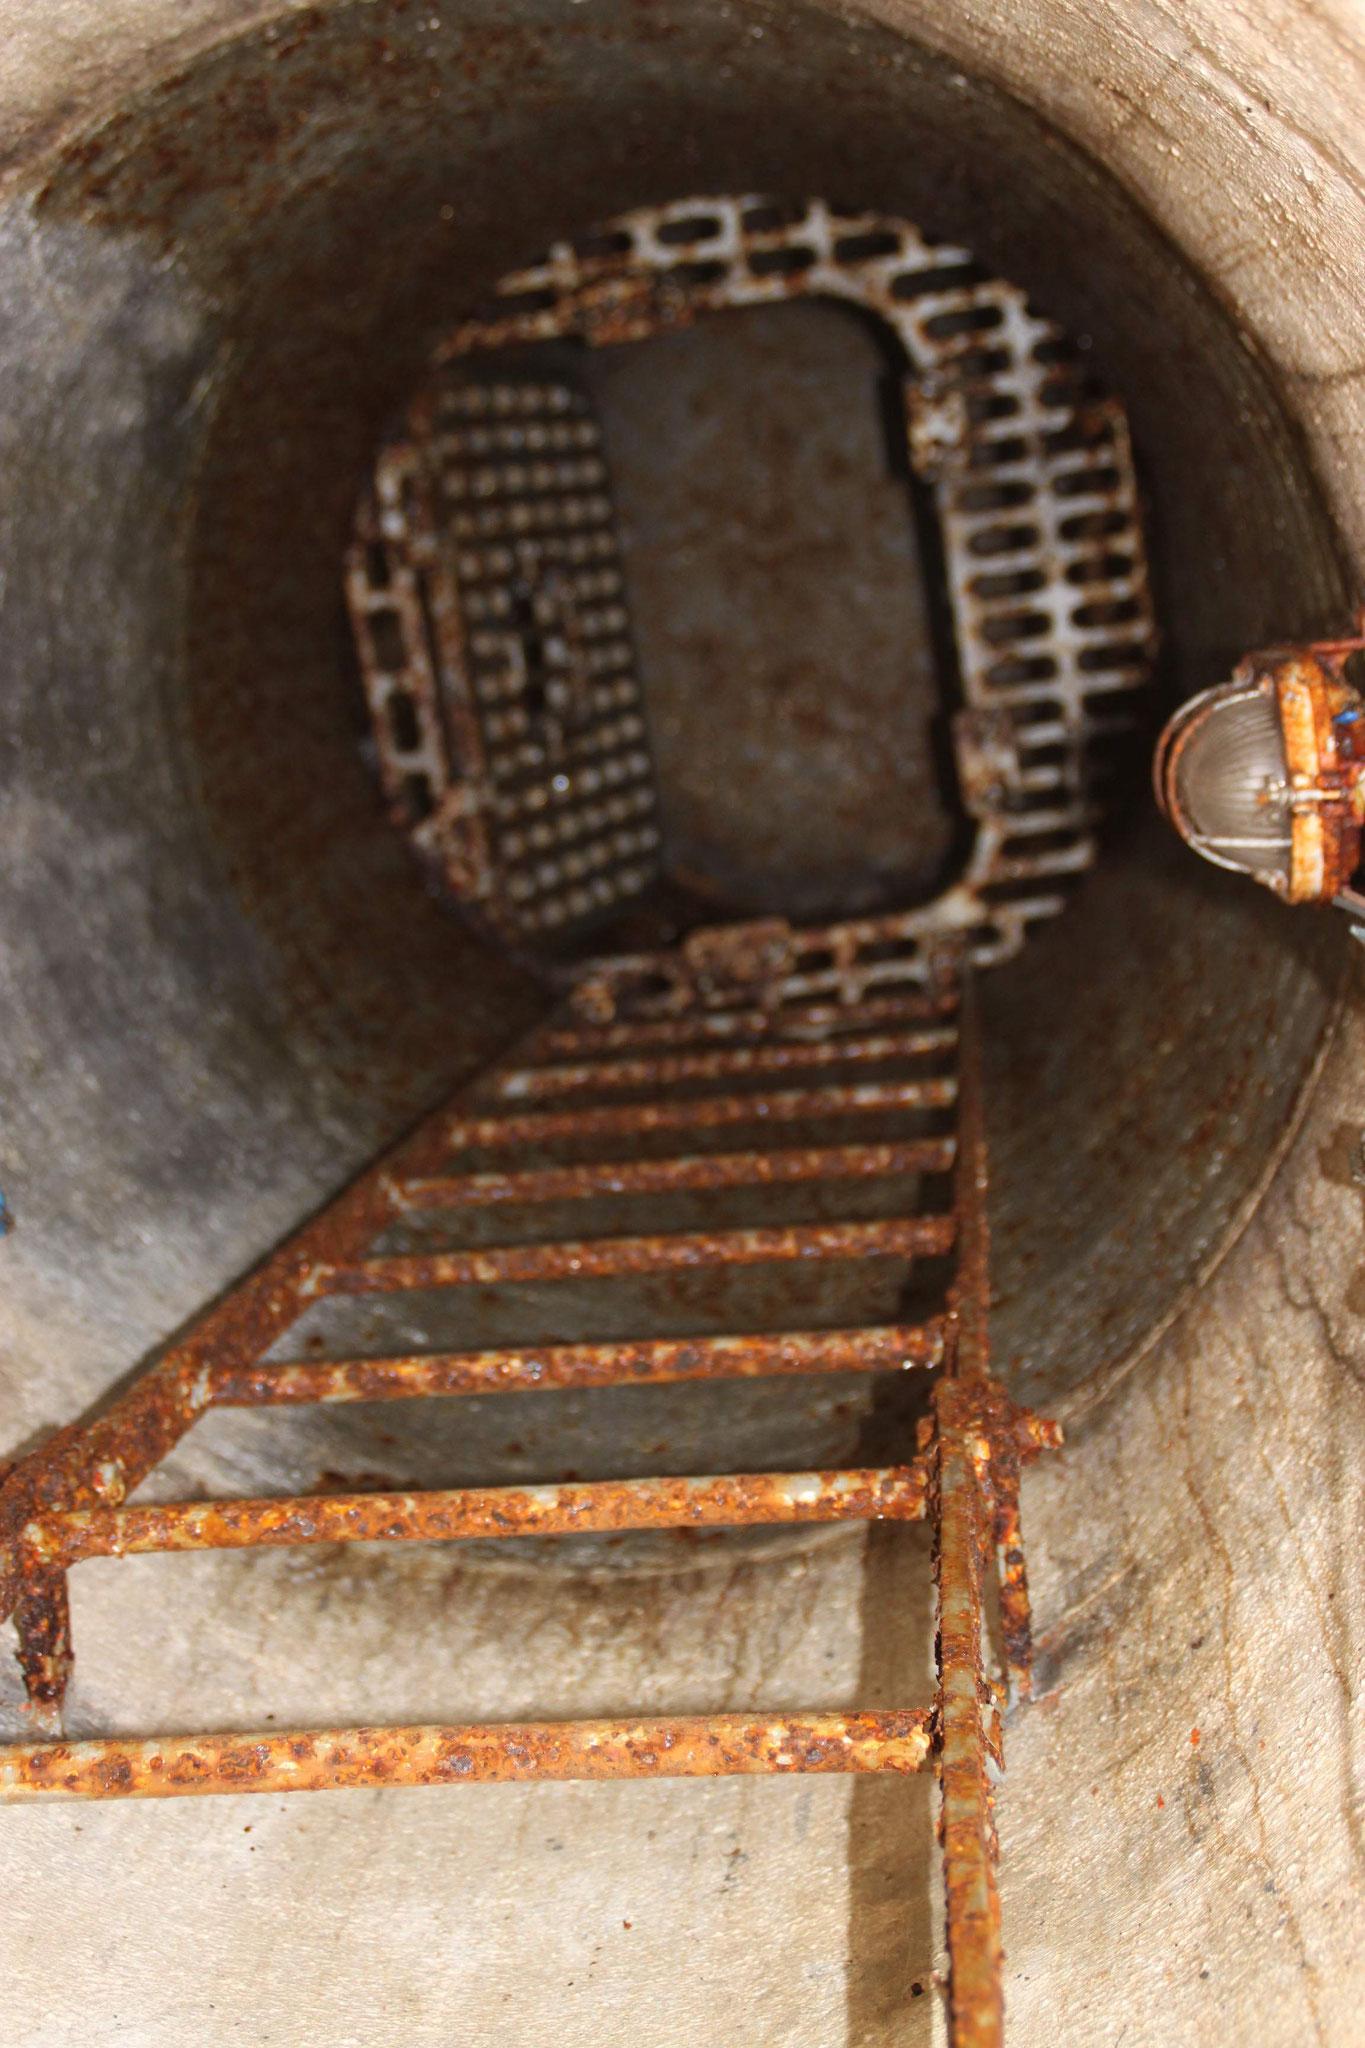 Scala di accesso alla cupola osservatorio.